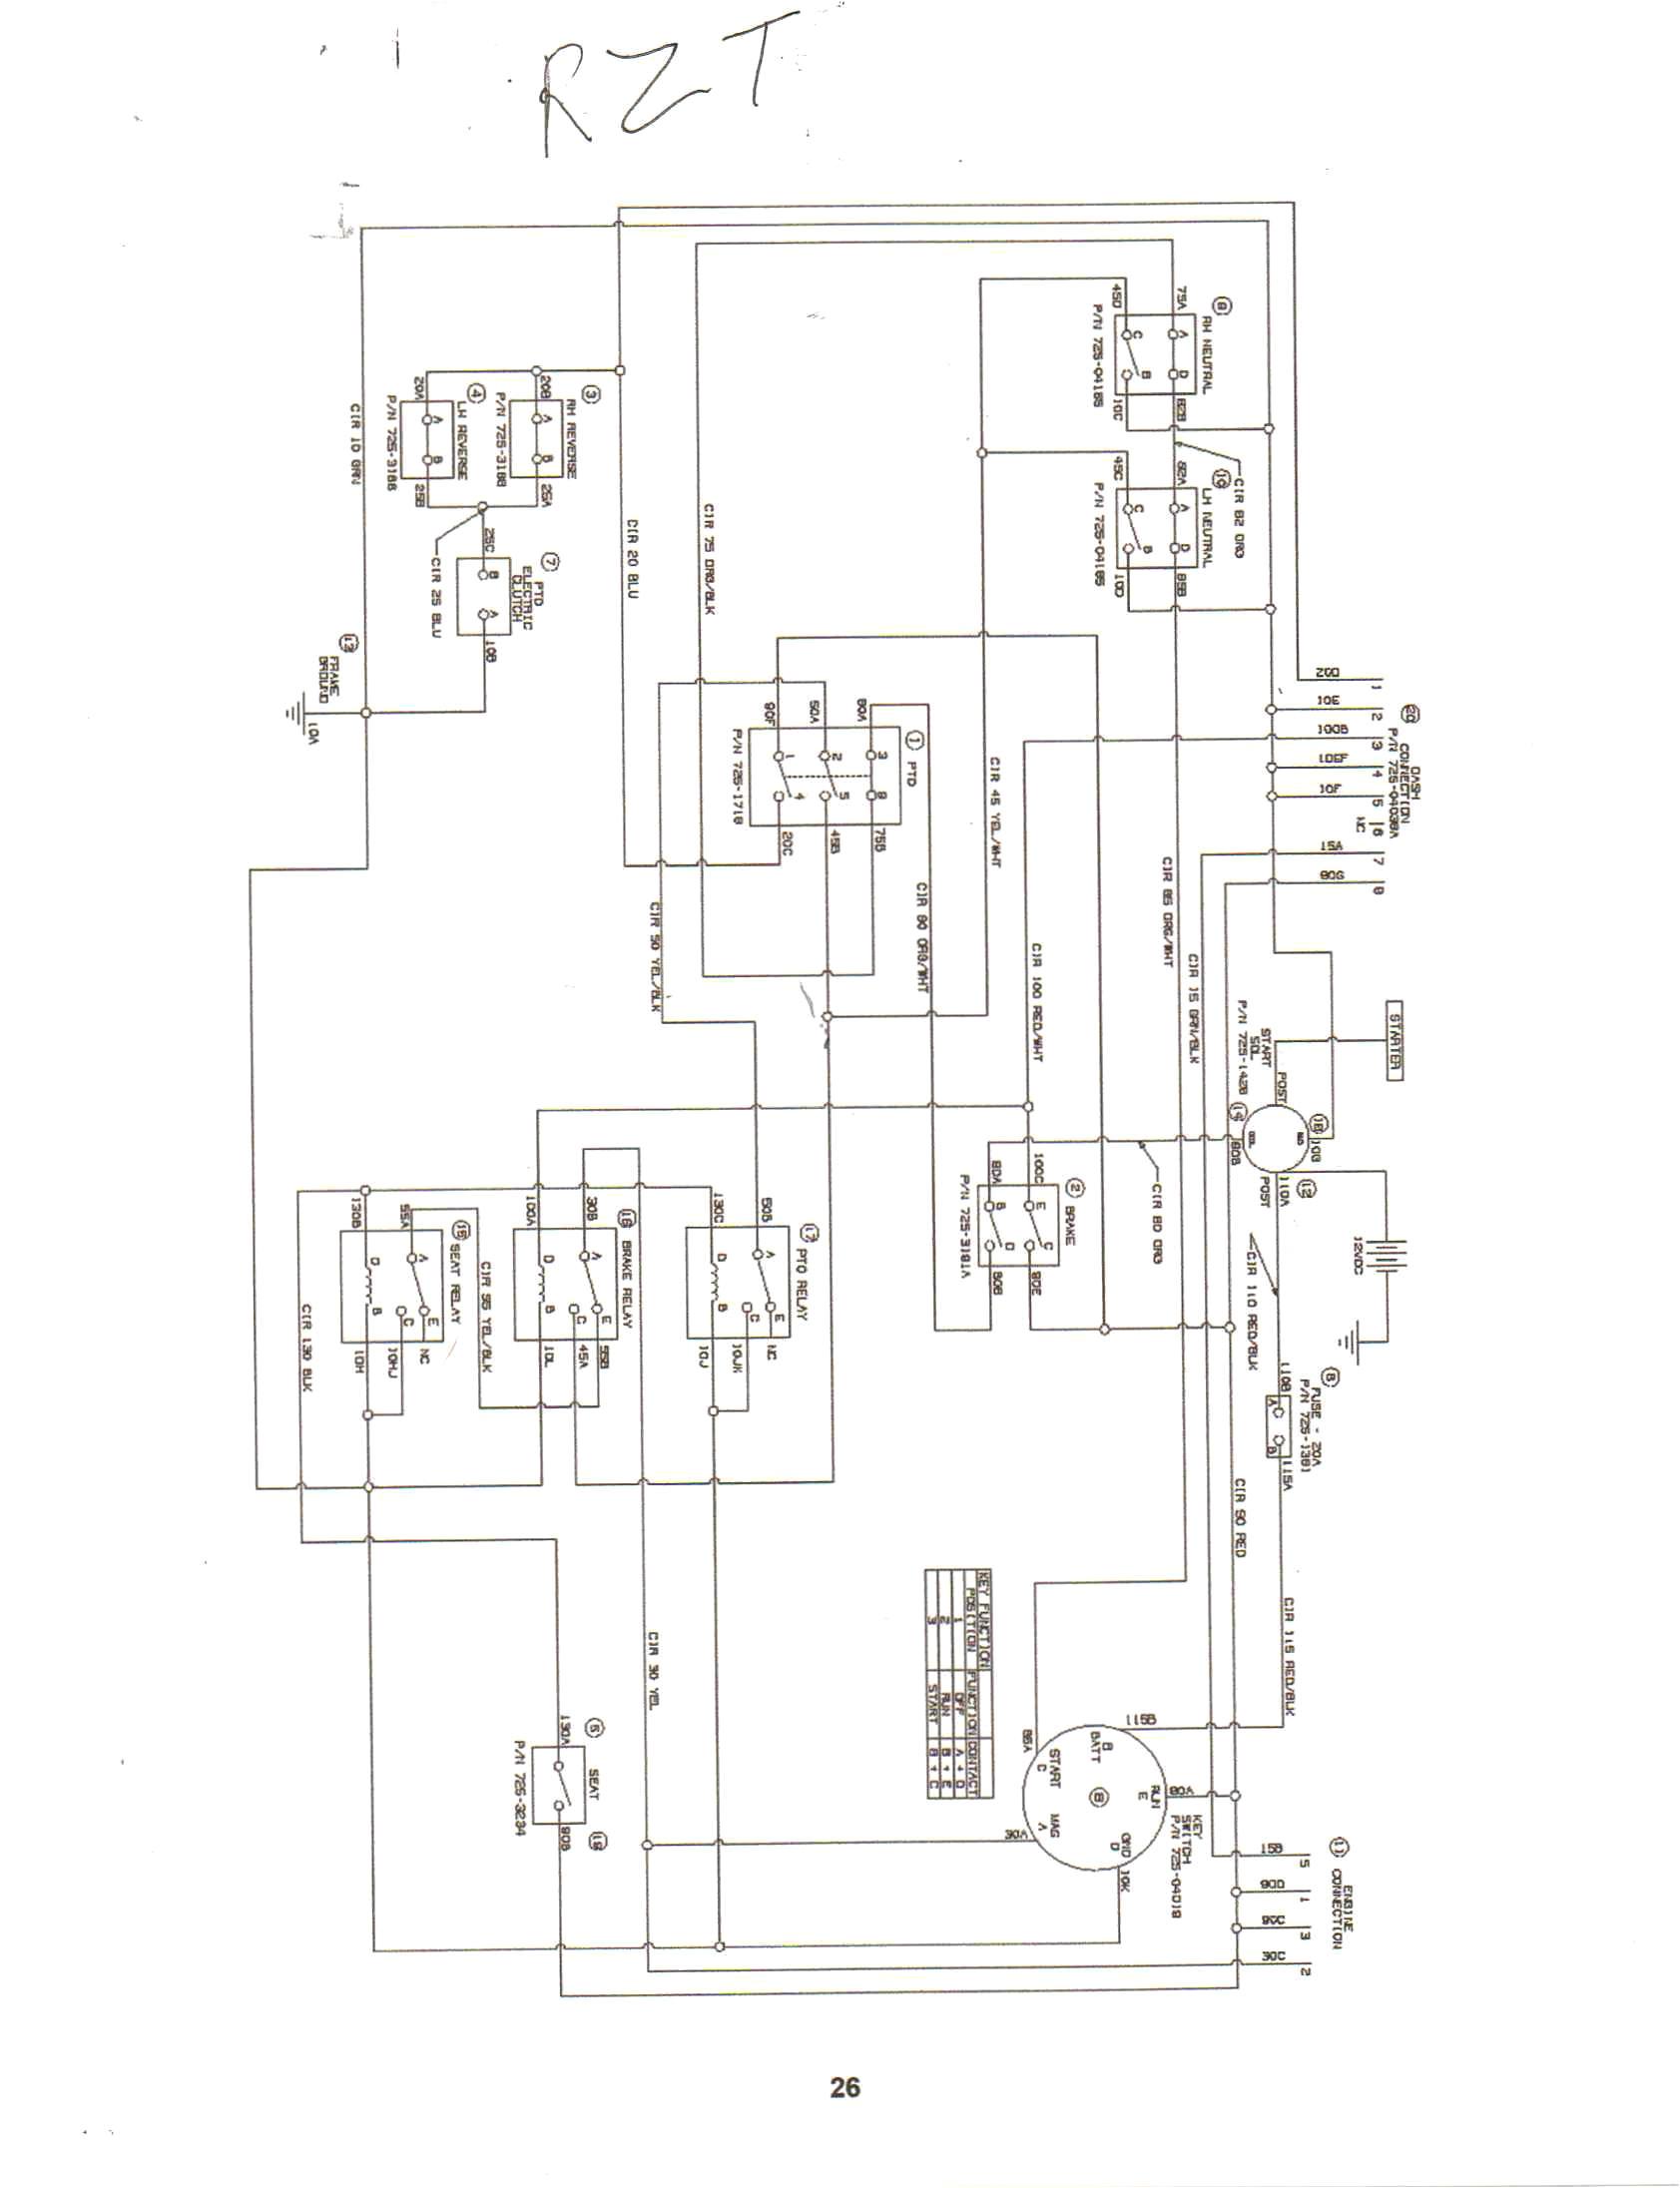 cub cadet gt1554 wiring diagram wiring diagram ebook cub cadet gt1554 wiring diagram